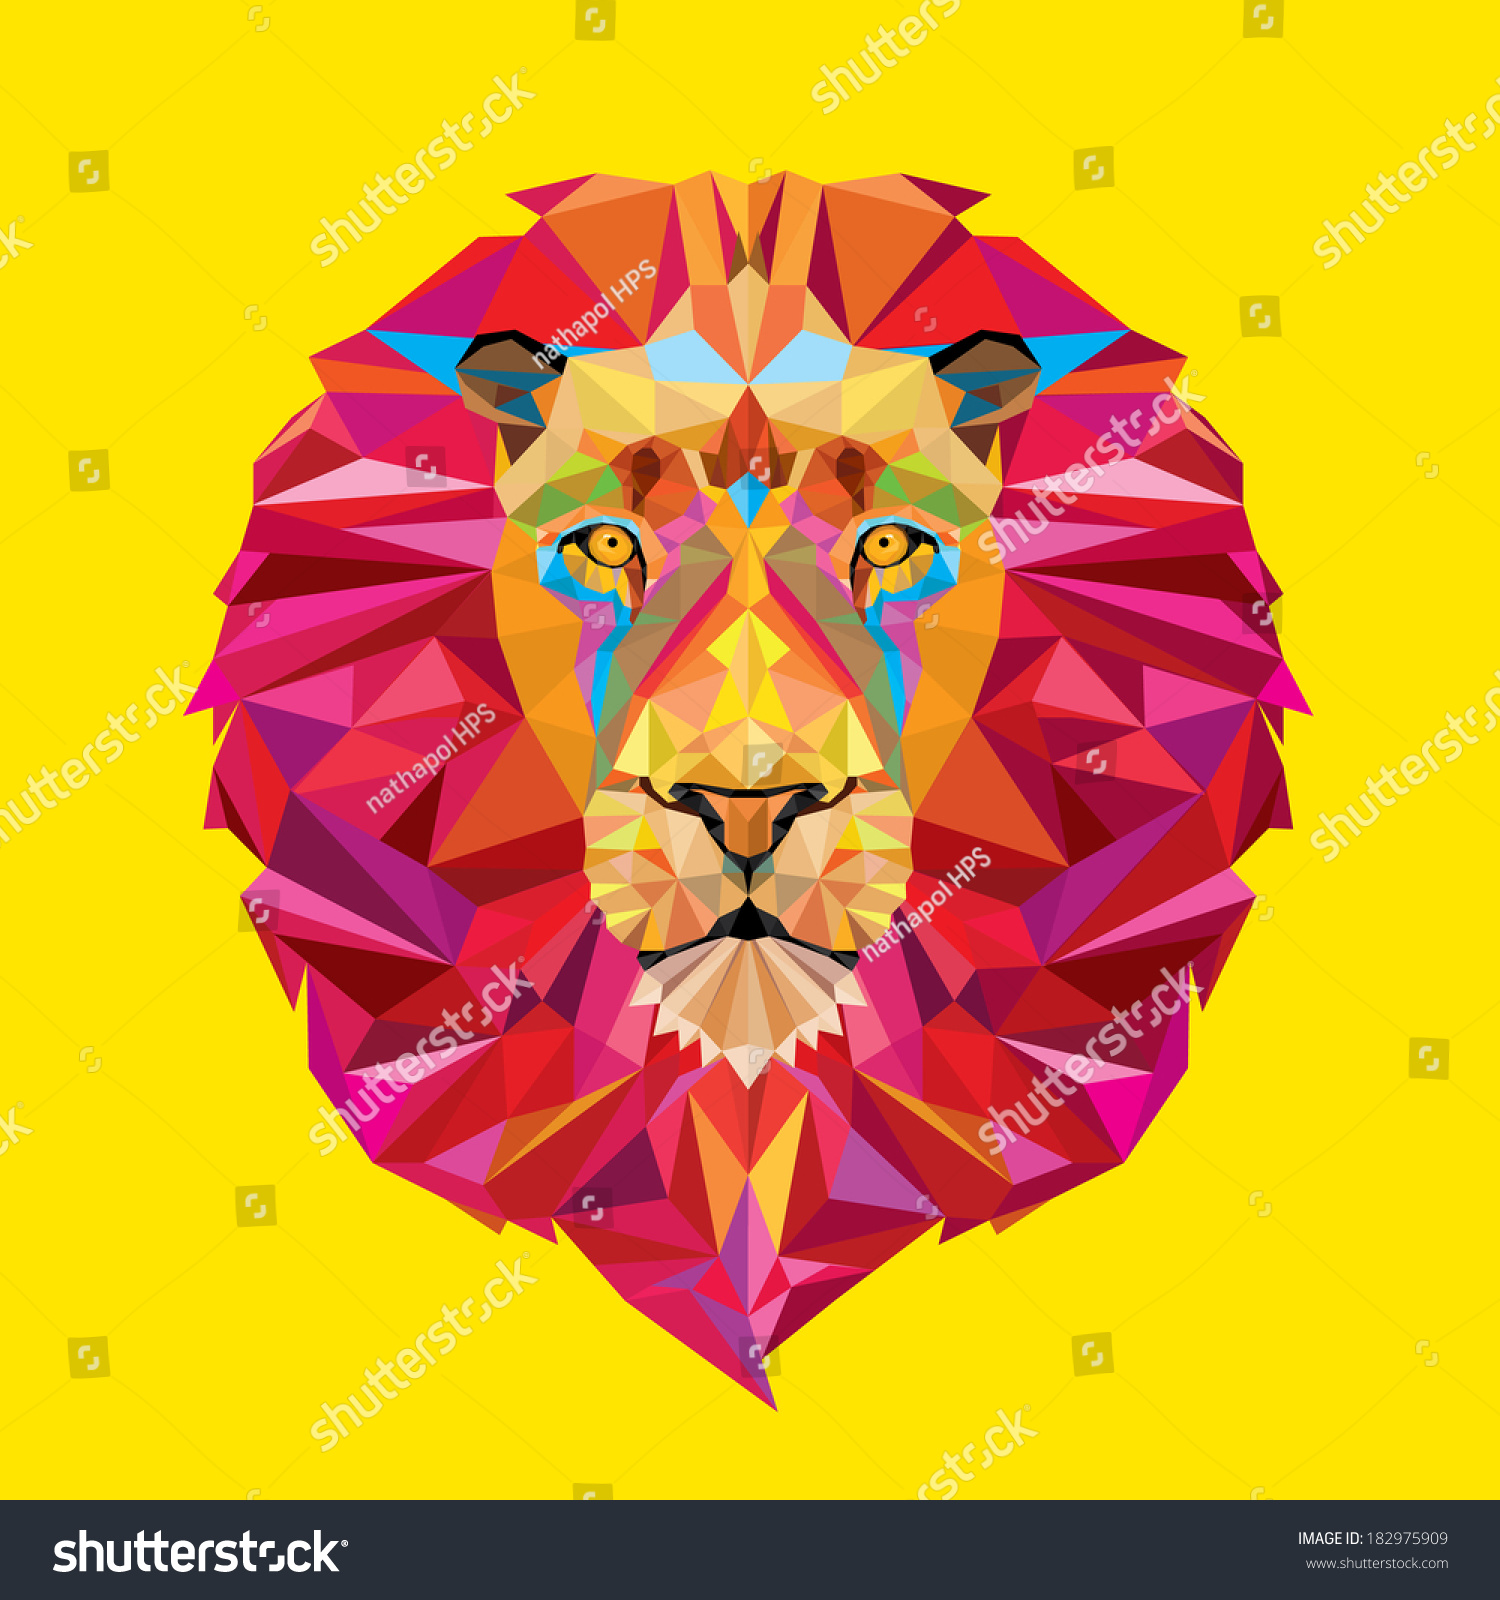 狮子的头几何模式-动物/野生生物-海洛创意(hellorf)